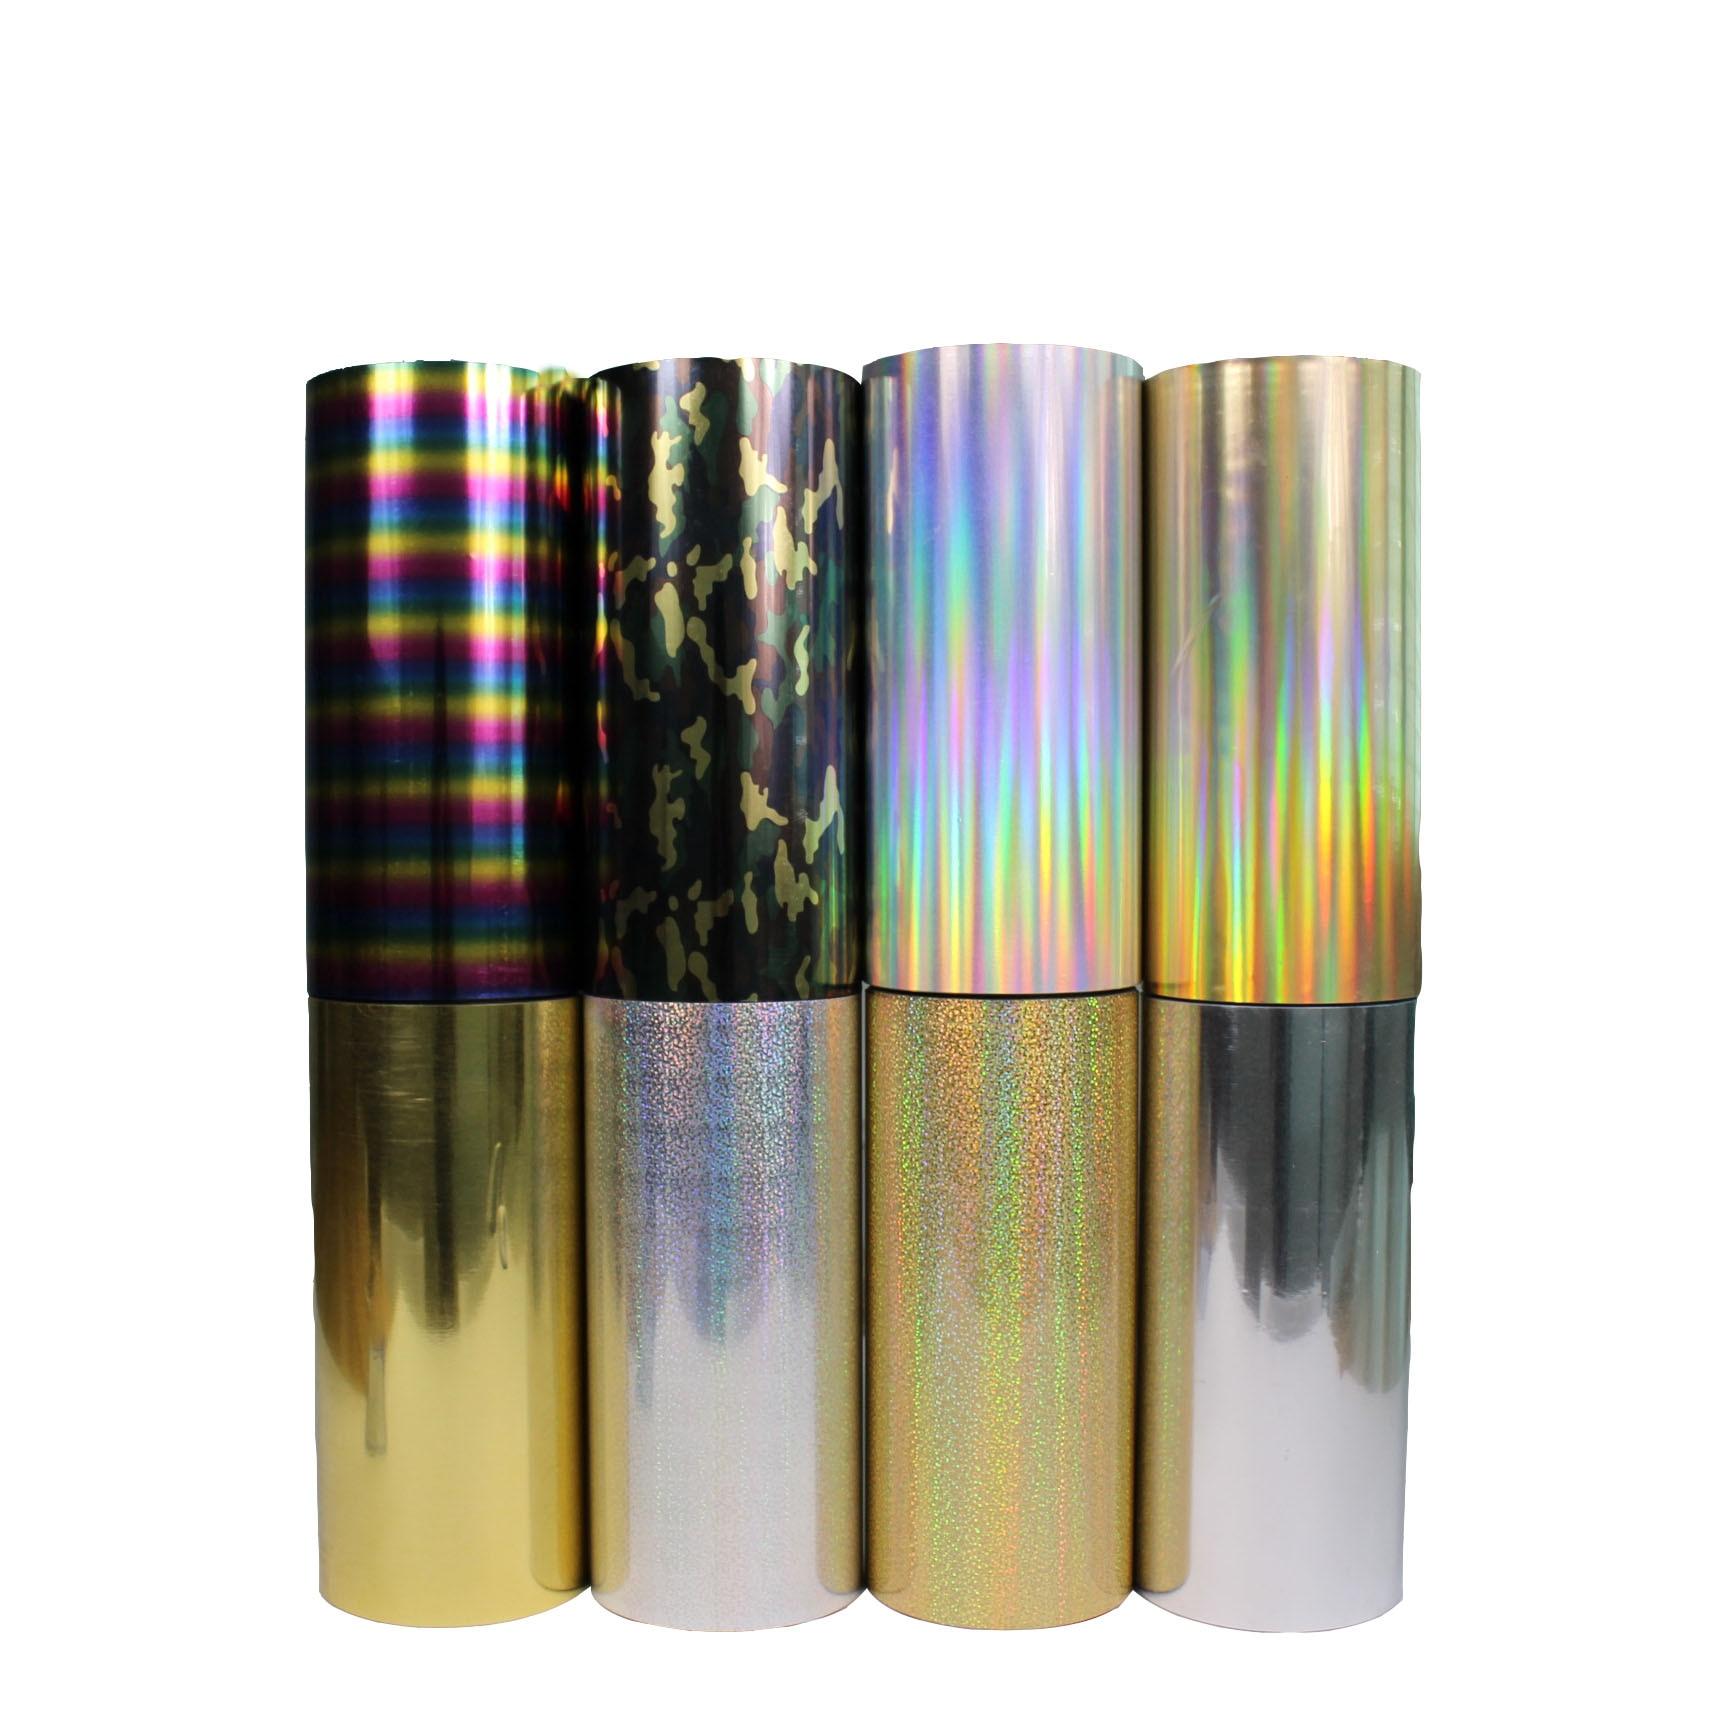 Envío gratis 1 rollo 25cm x 25m holograma Transferencia de Calor vinilo camuflaje Arco Iris metálico y láser de hierro en la película HTV camiseta